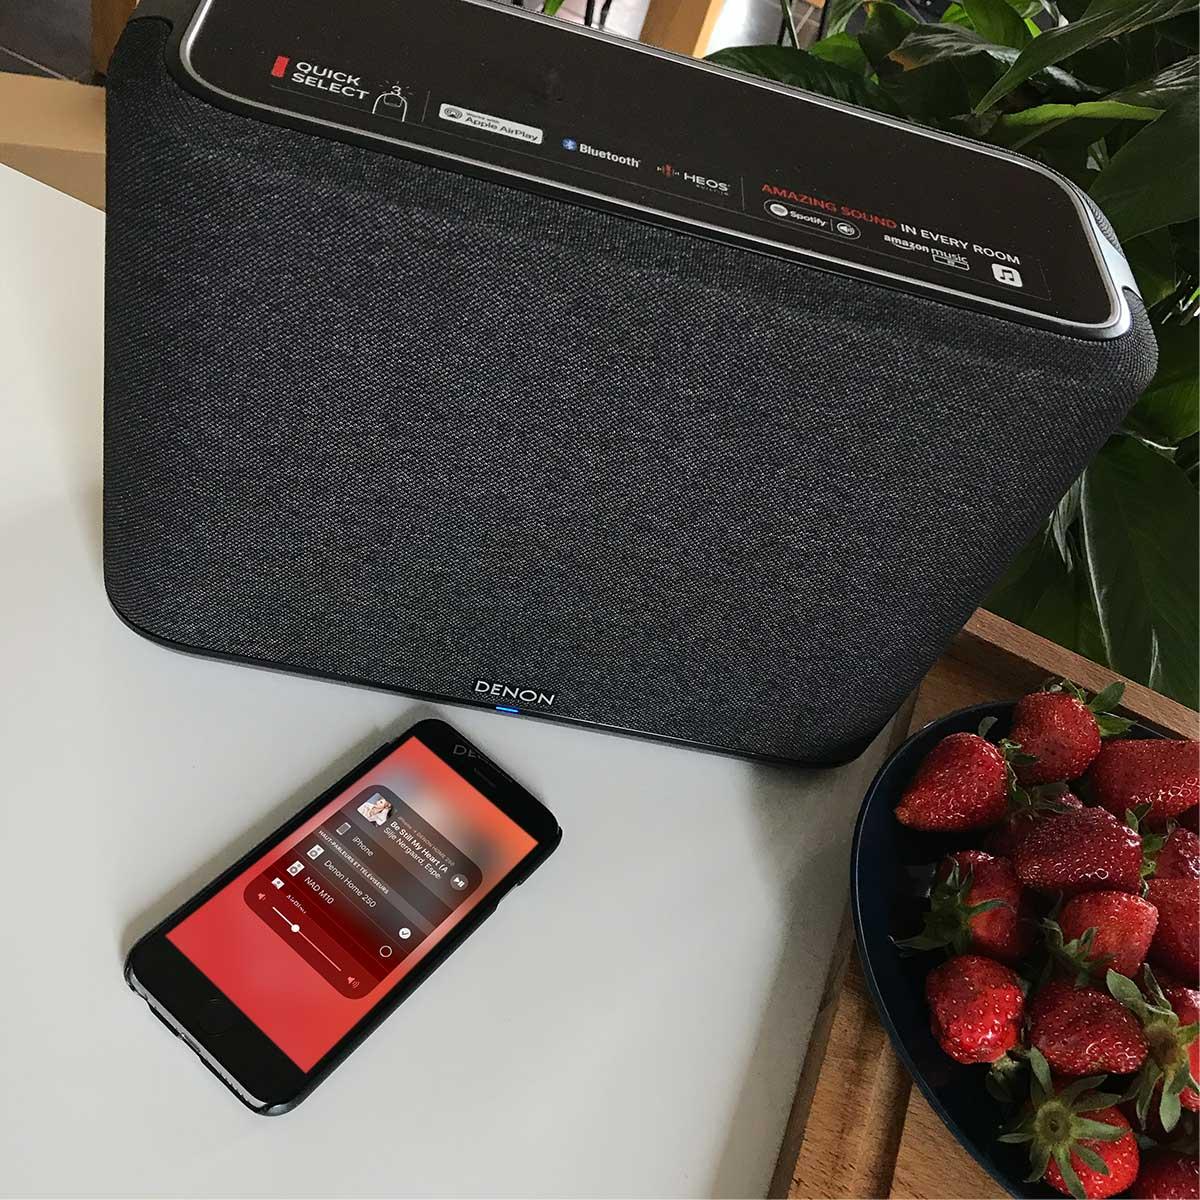 Enceinte Denon Home 250 avec réception WiFi AirPlay 2 compatible Deezer HiFi en qualité CD